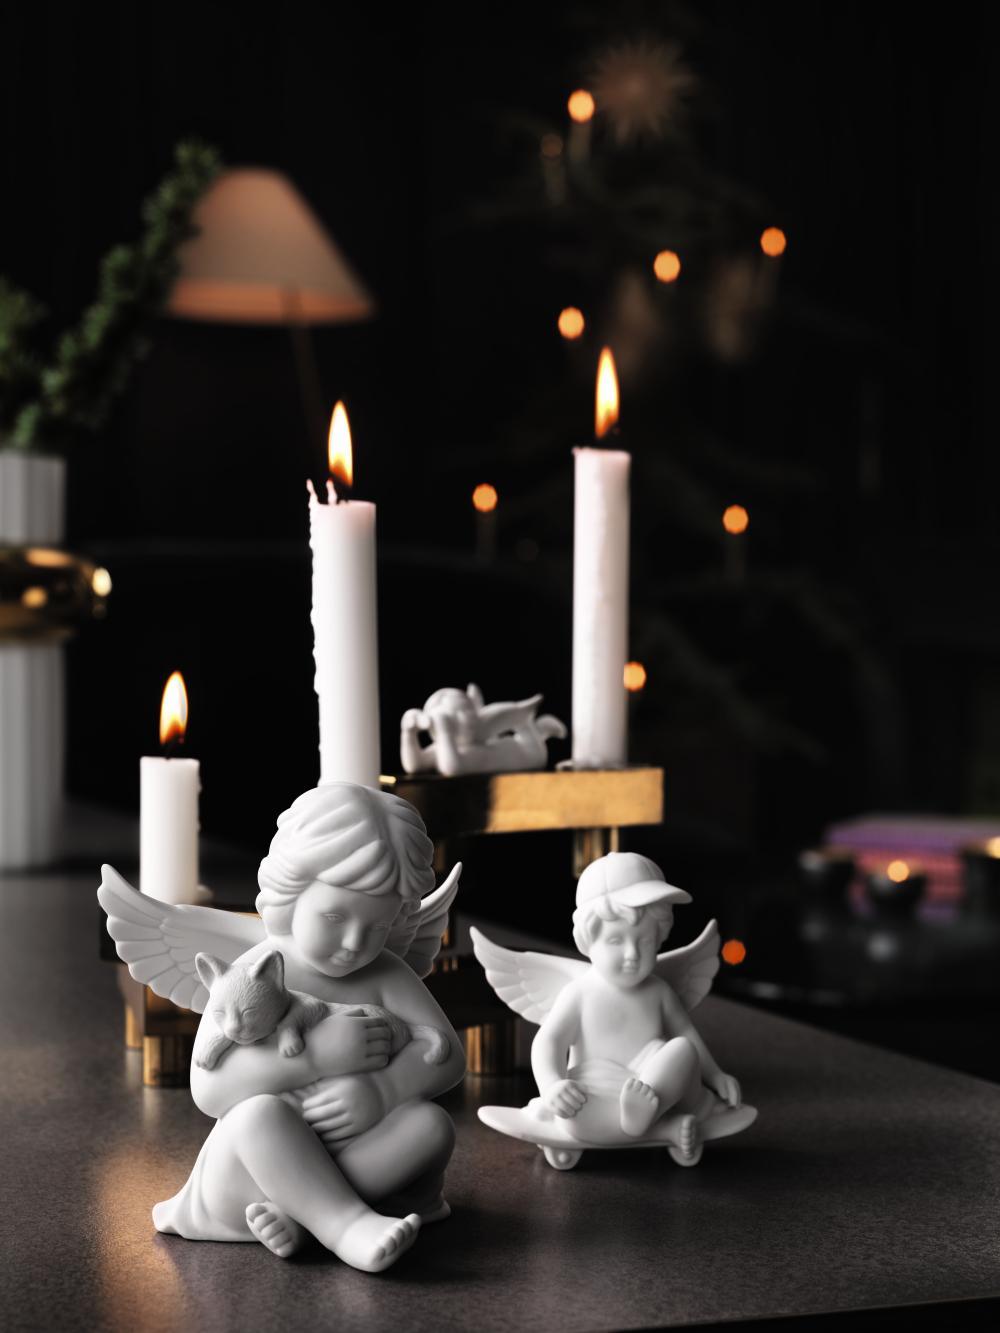 Regali di Natale 2017, elettrodomestici e oggetti di design per la casa, foto e prezzi